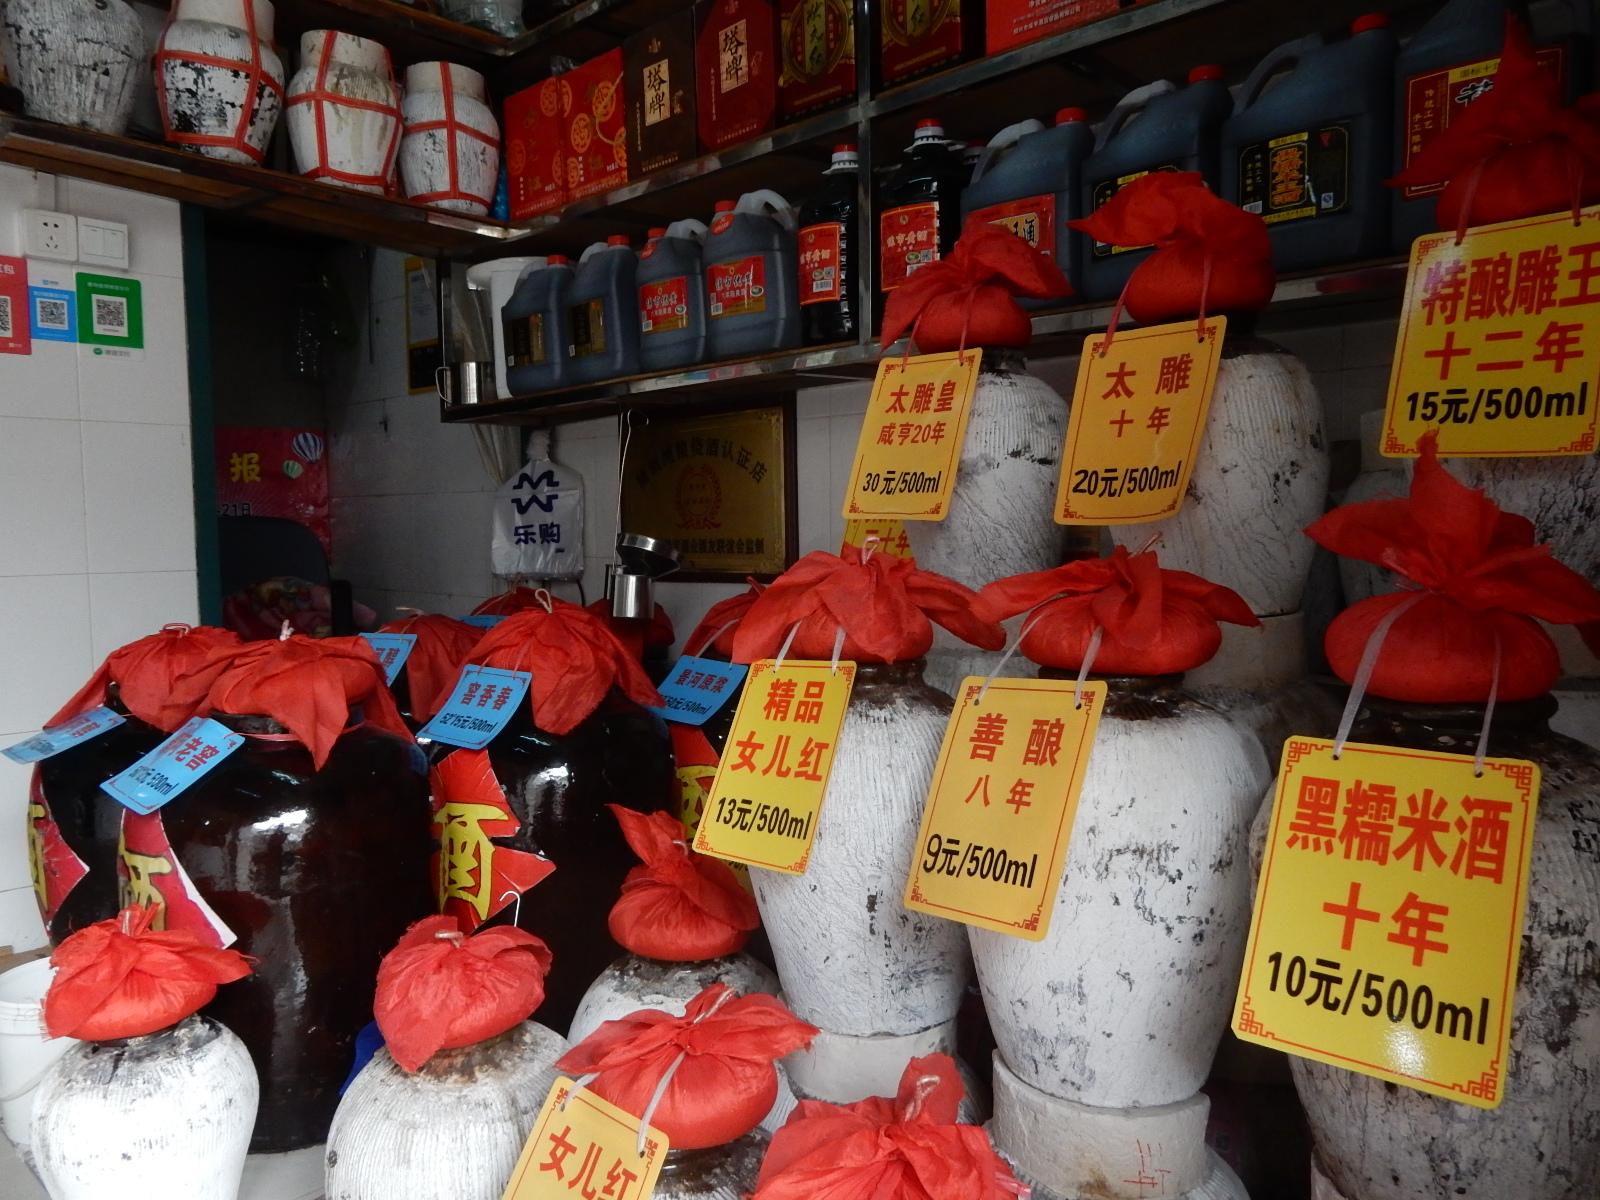 宿の界隈の市場には紹興酒、老酒の量り売りの店があった。